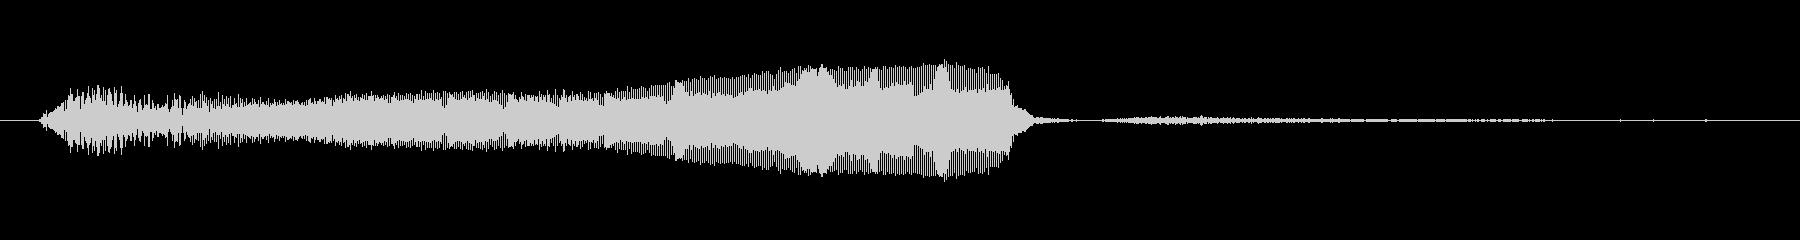 ラクーンのようなうめき声の未再生の波形